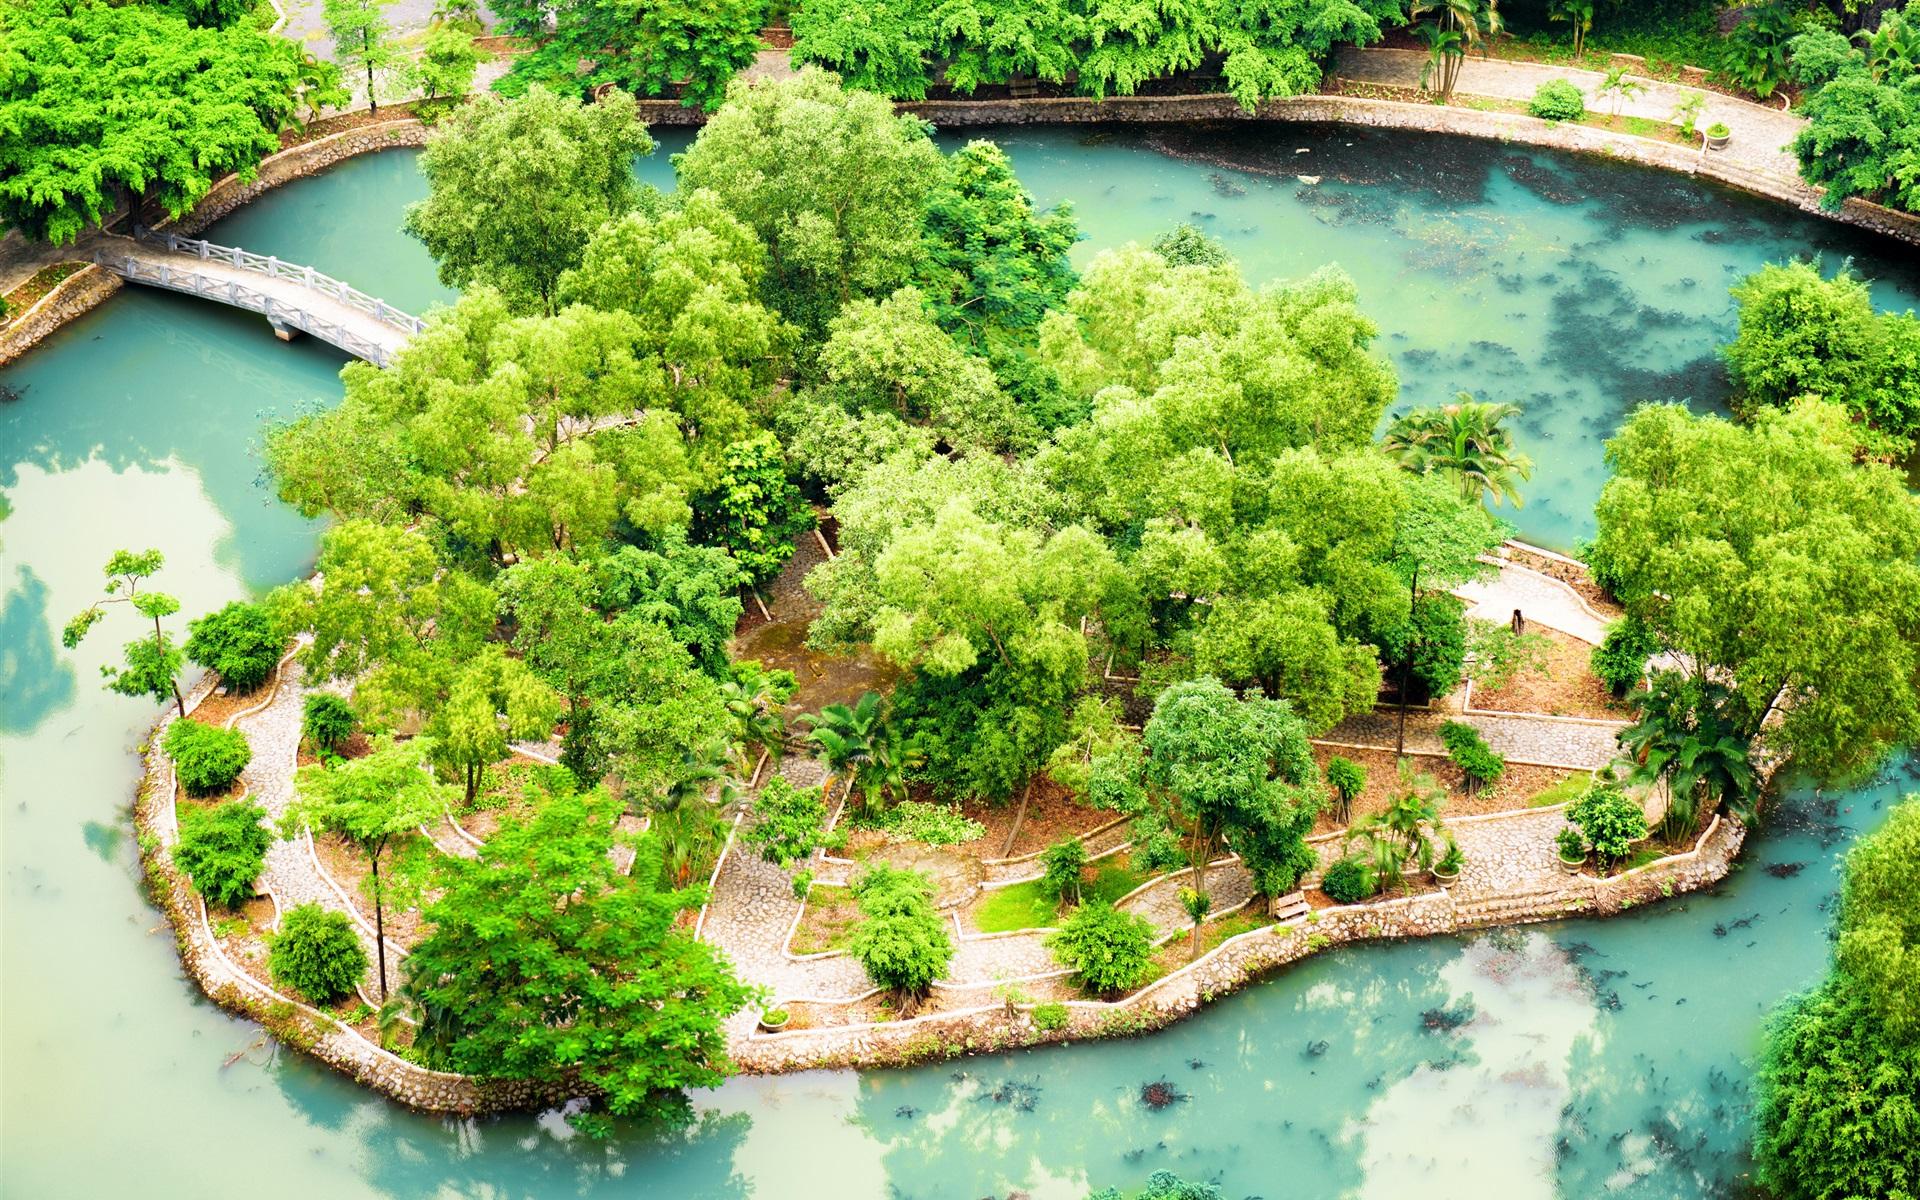 Vietnam ninh binh tropical garden pond bushes for Garden pool hanoi